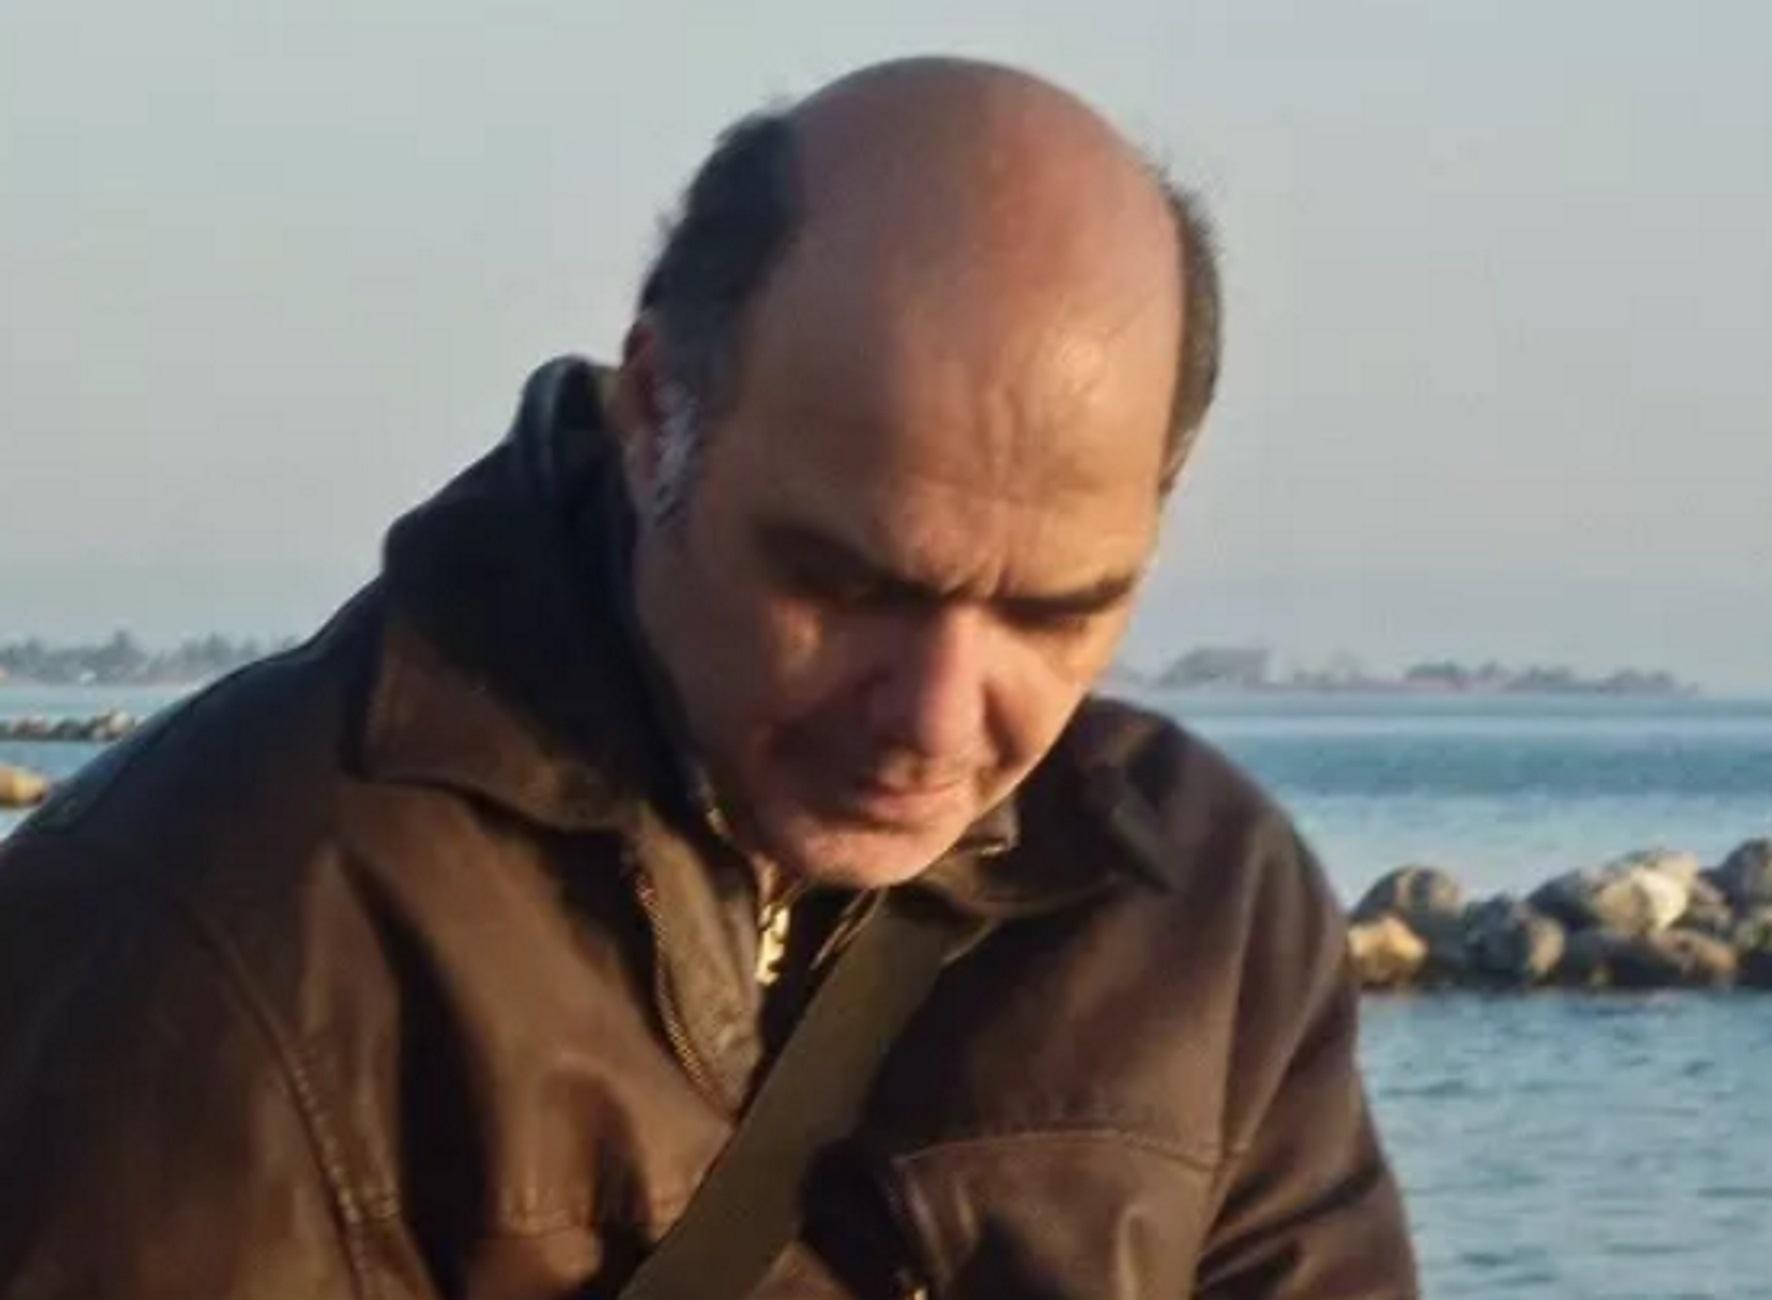 Βόλος: Πέθανε ο Σίμων Γαϊτανίδης – Το αναπάντεχο τέλος στα 59 χρόνια της ζωής του